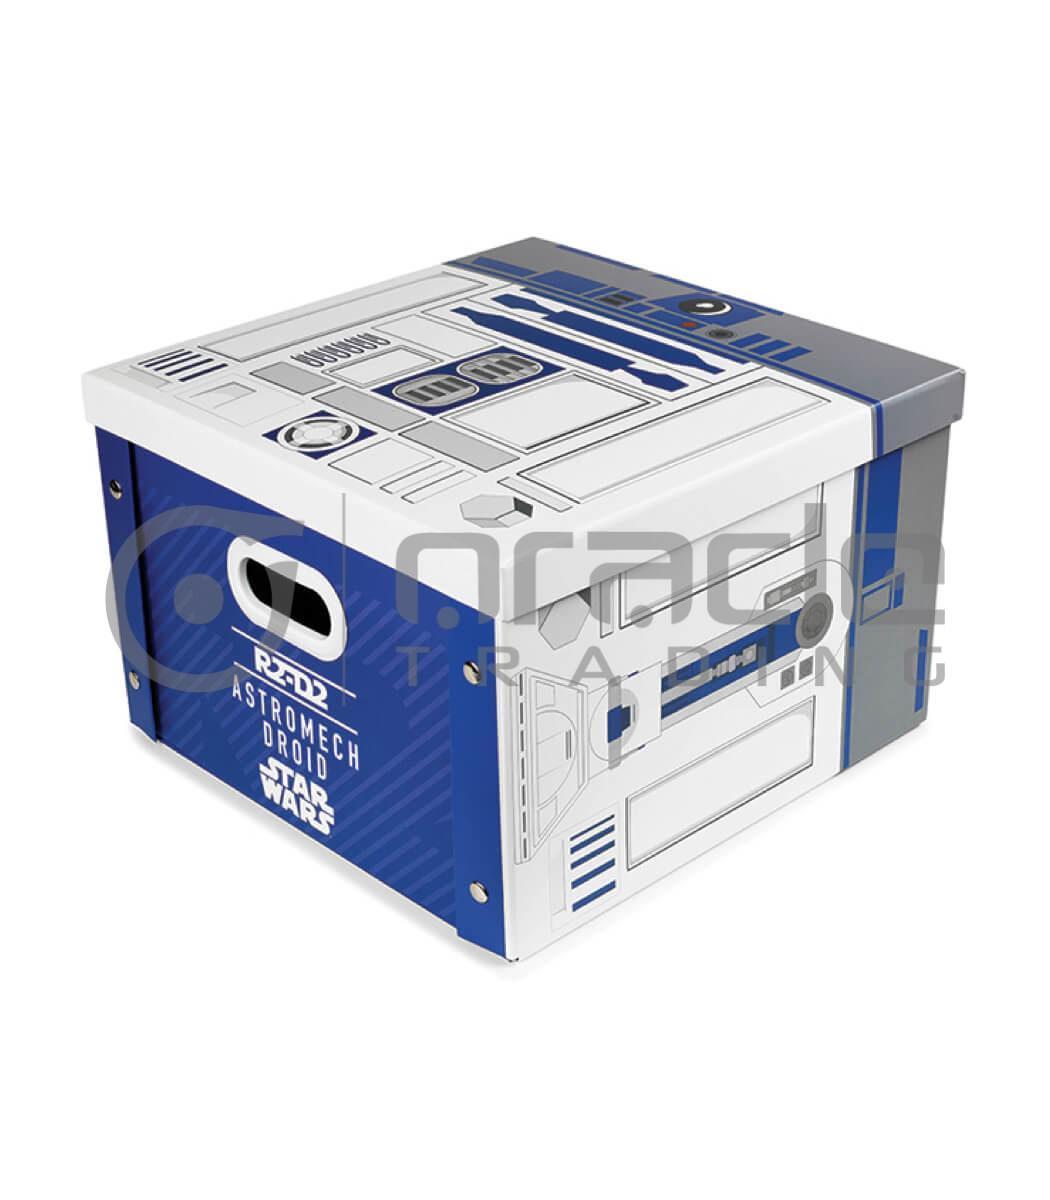 Star Wars Storage Box (R2D2)